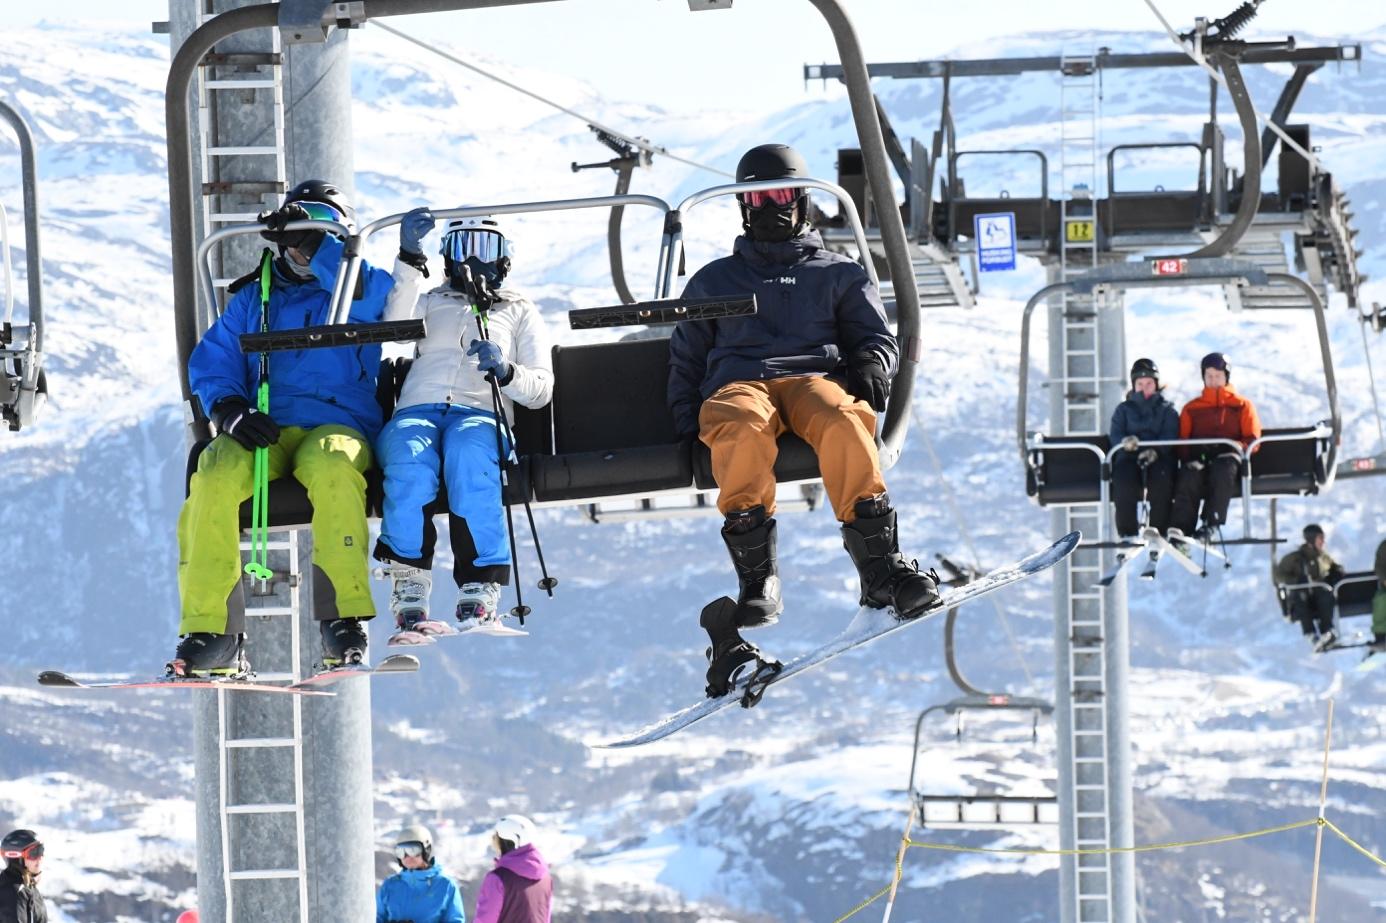 Et bilde som inneholder skiheis, snø, utendørs, transport  Automatisk generert beskrivelse